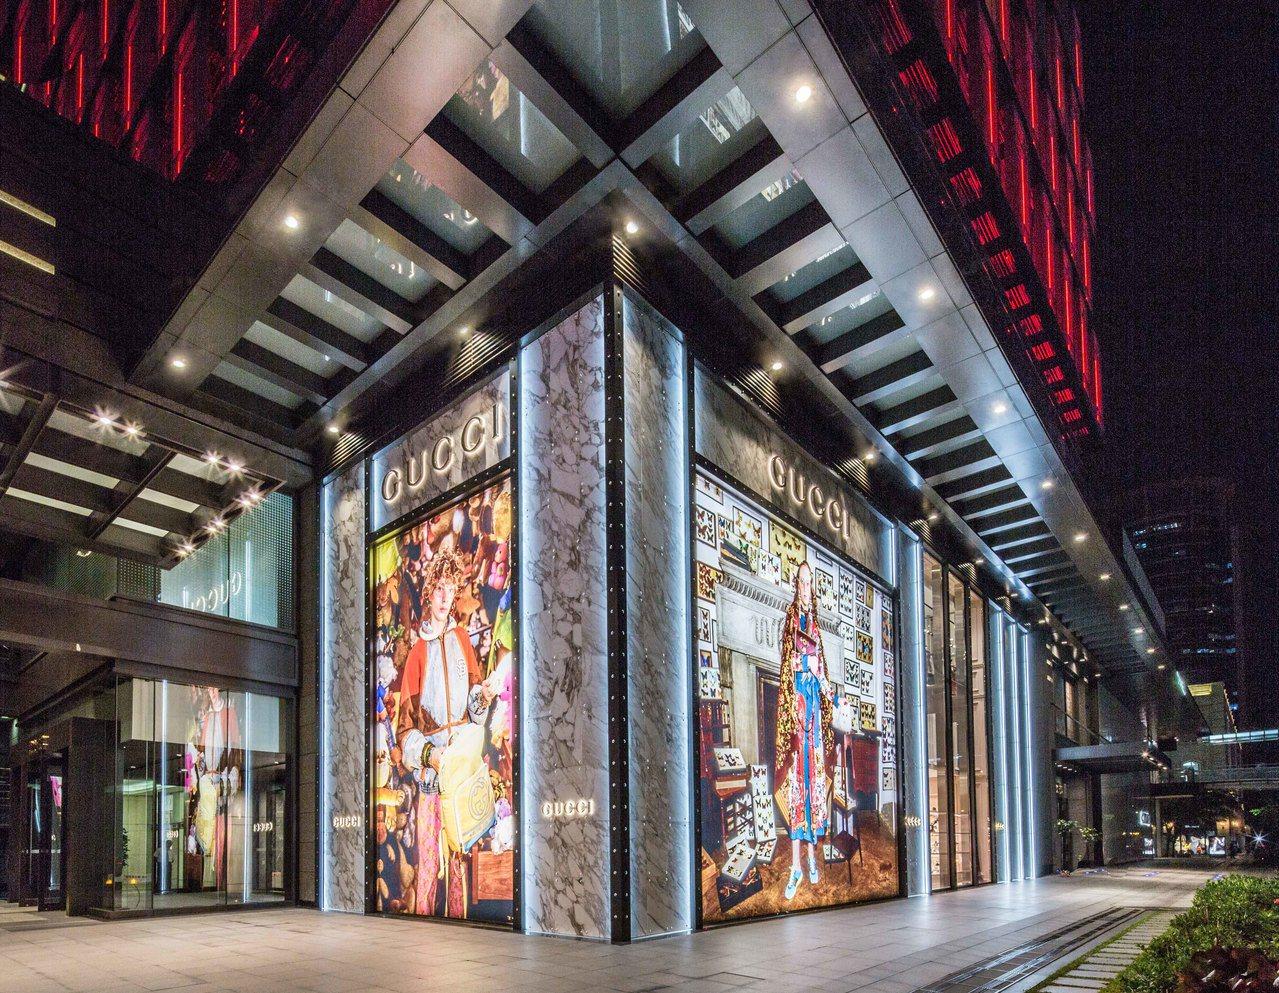 Gucci信義新天地A4店鋪全新設計的外牆面以最新一季的視覺形象覆以大理石材質,...